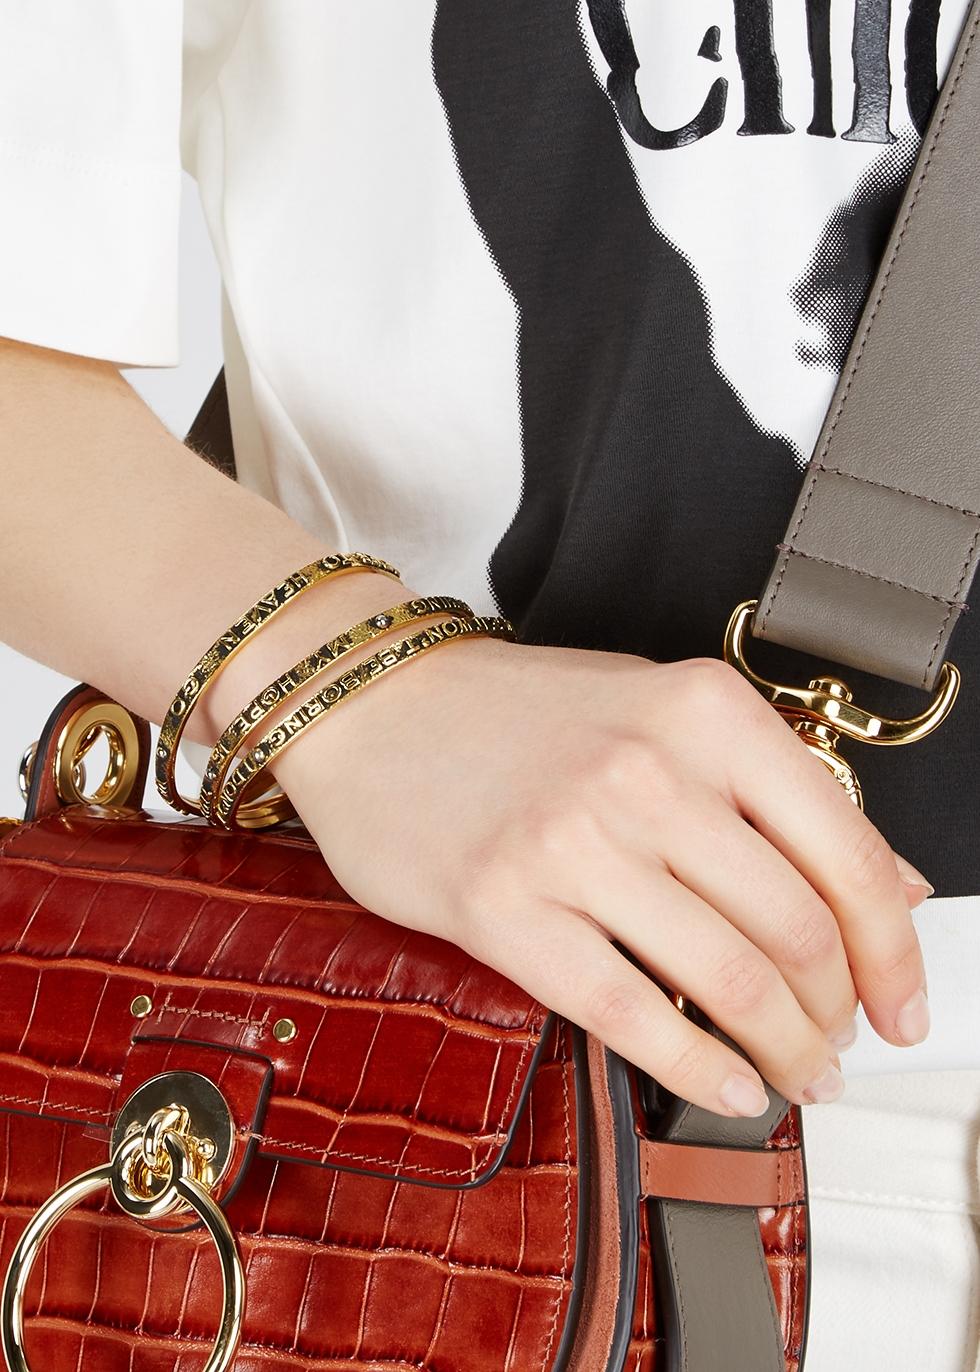 Engraved gold-tone bracelets - Chloé